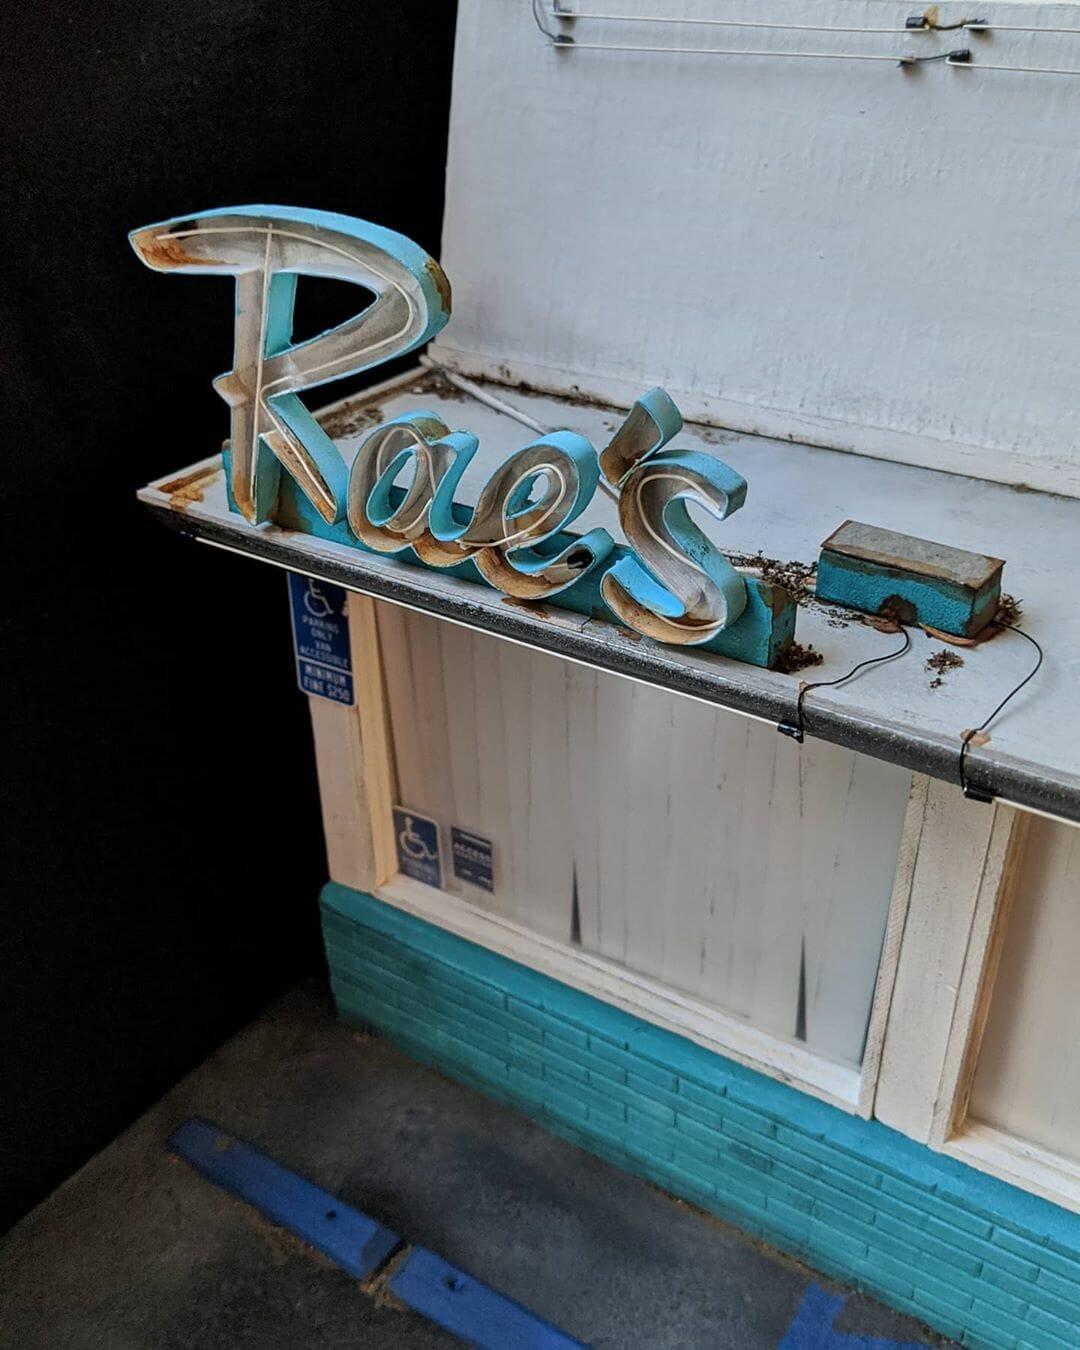 Détail de l'enseigne miniature du Rae's restaurant, réalisée par le jeune Kieran Wright